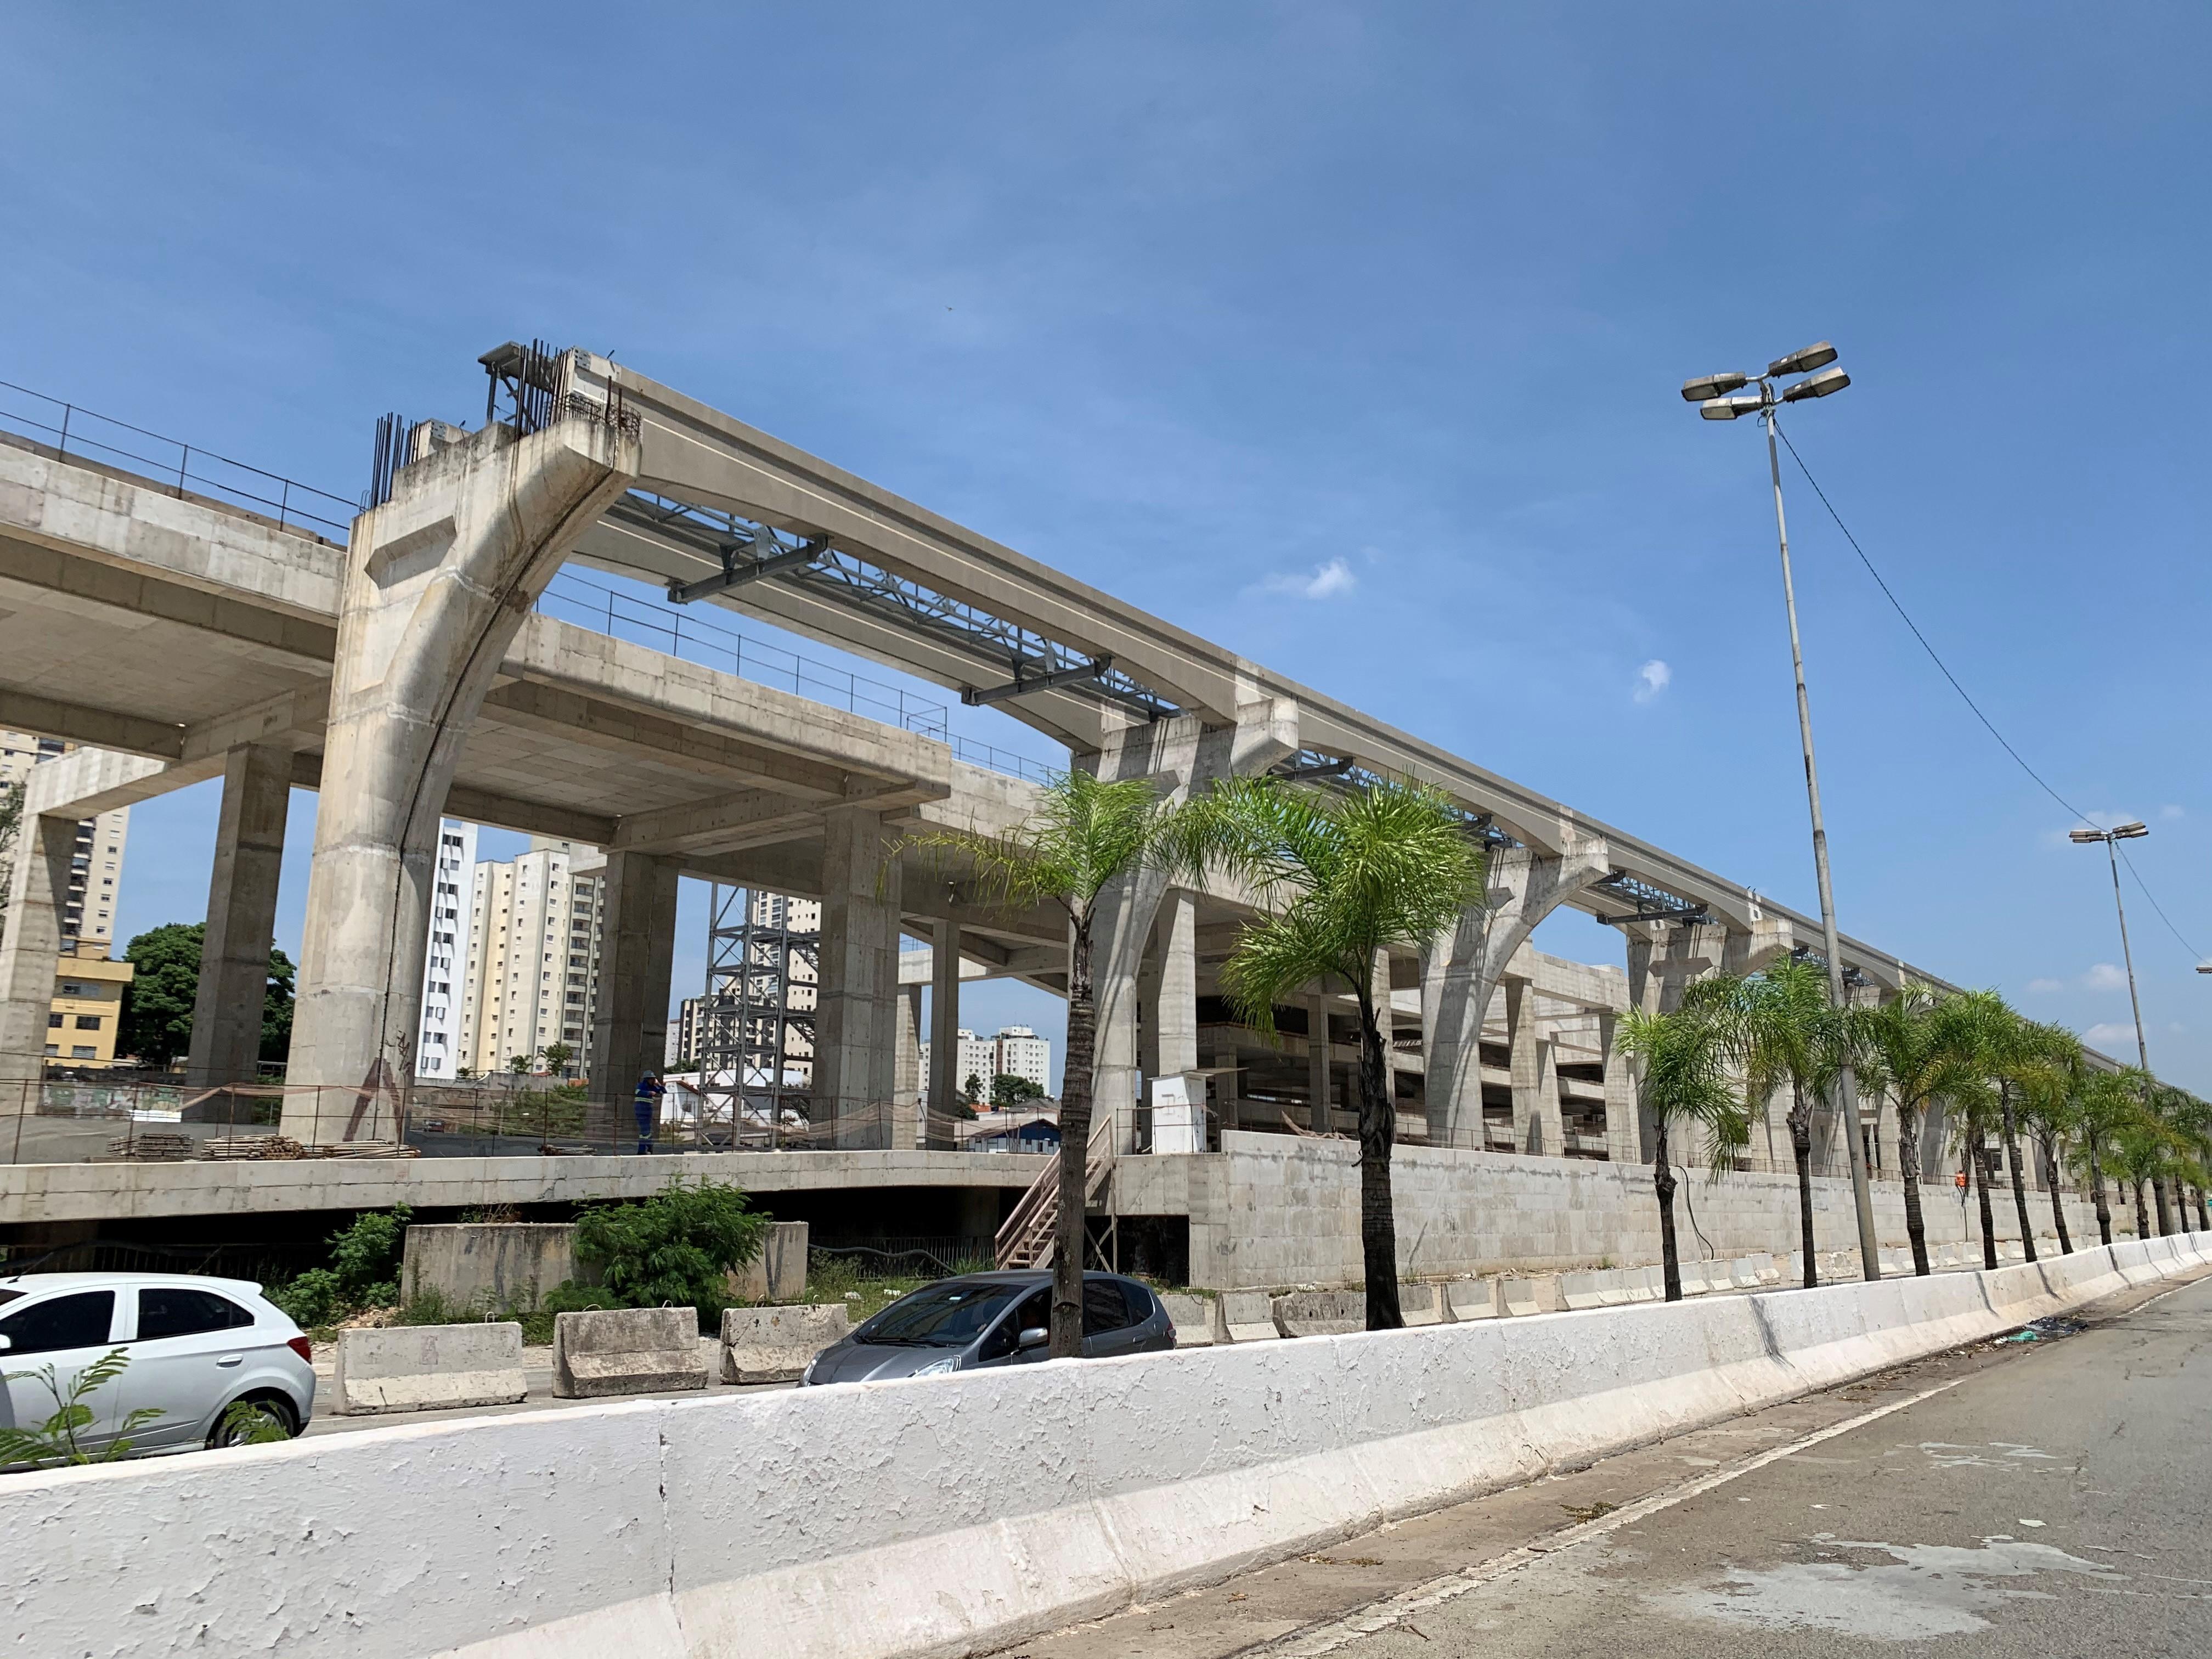 Metrô retoma licitação da Linha-17 Ouro do Monotrilho e escolhe empresa para realizar obras em estações